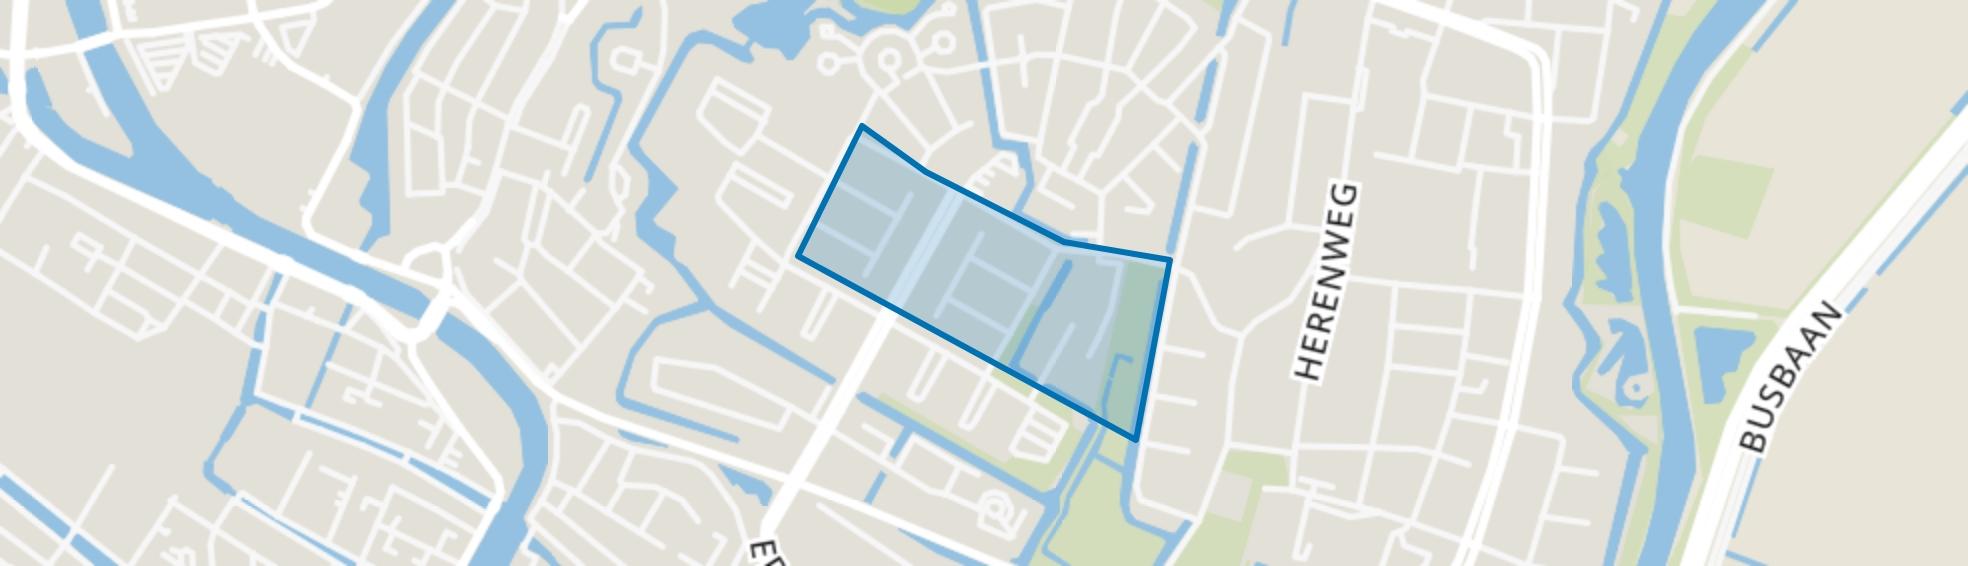 Oudorperpolder-Midden, Alkmaar map